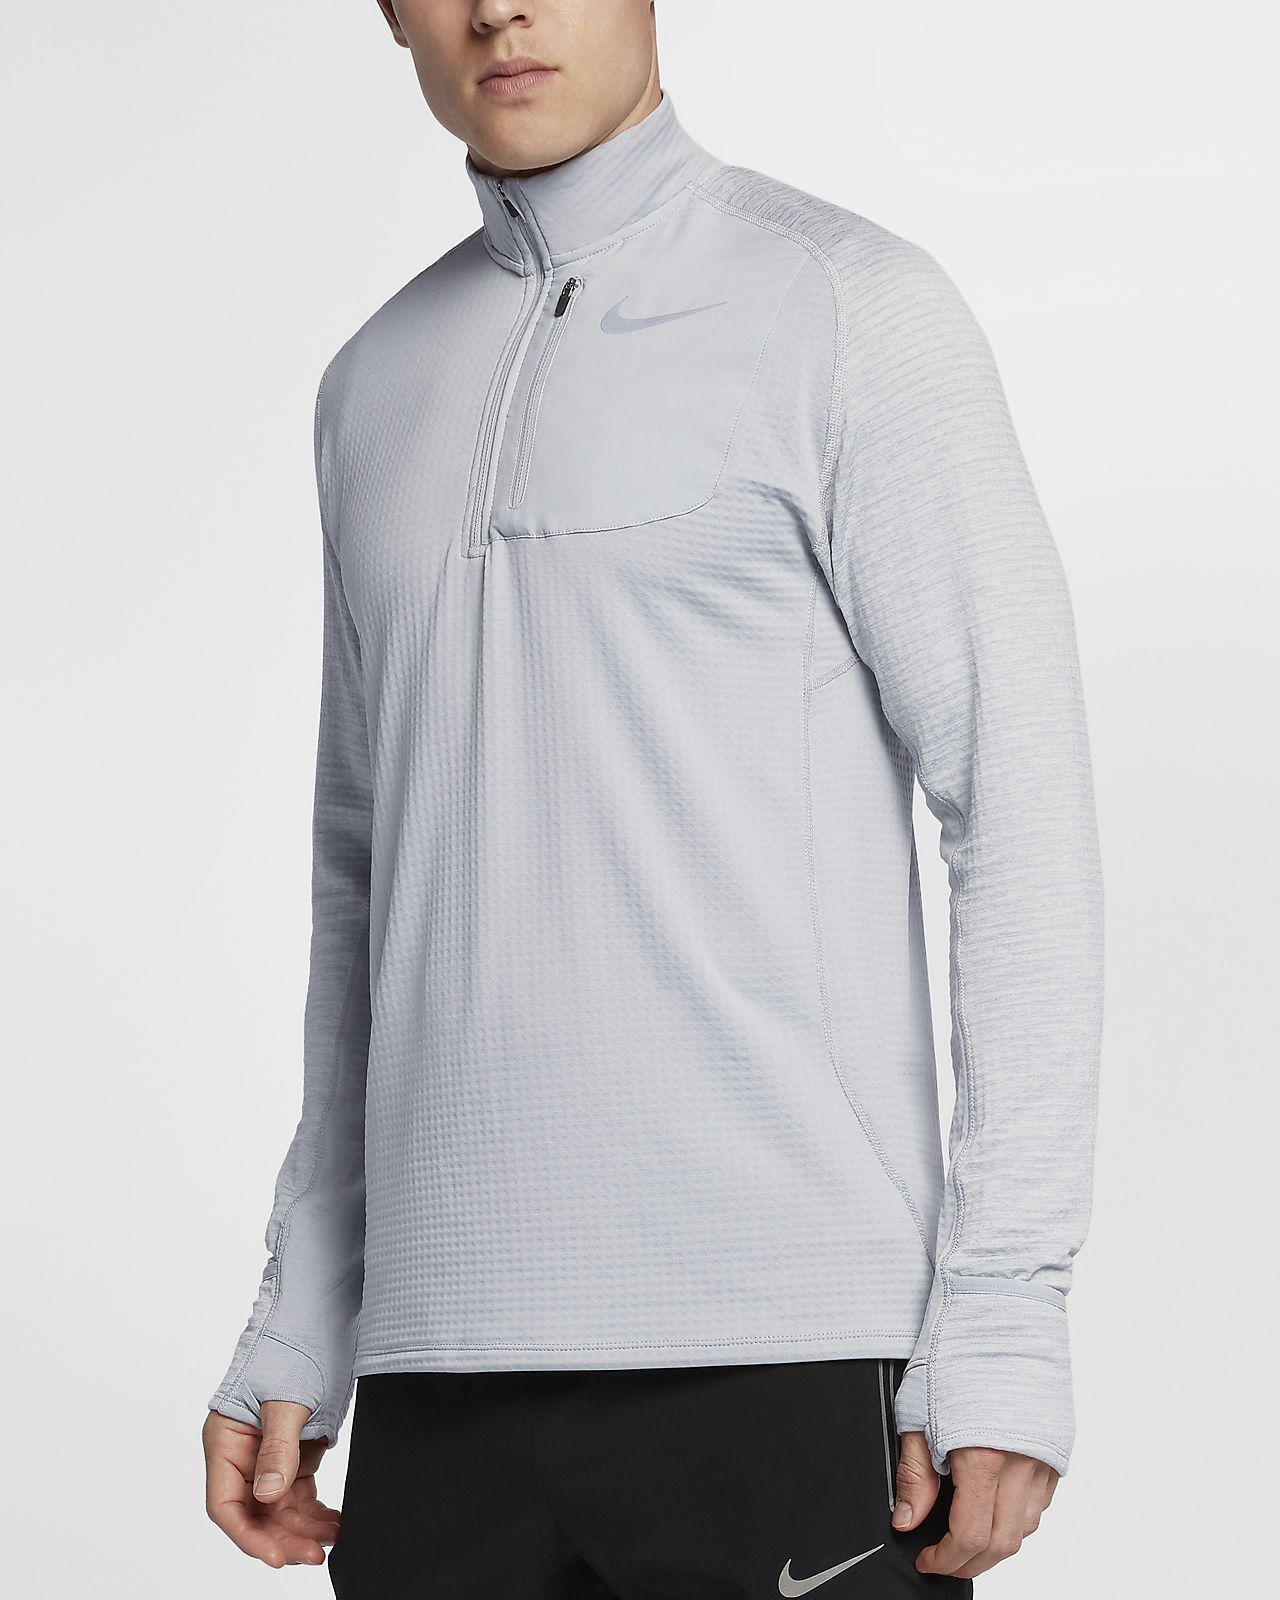 Nike Therma Sphere Langarm-Laufoberteil mit Halbreißverschluss für Herren